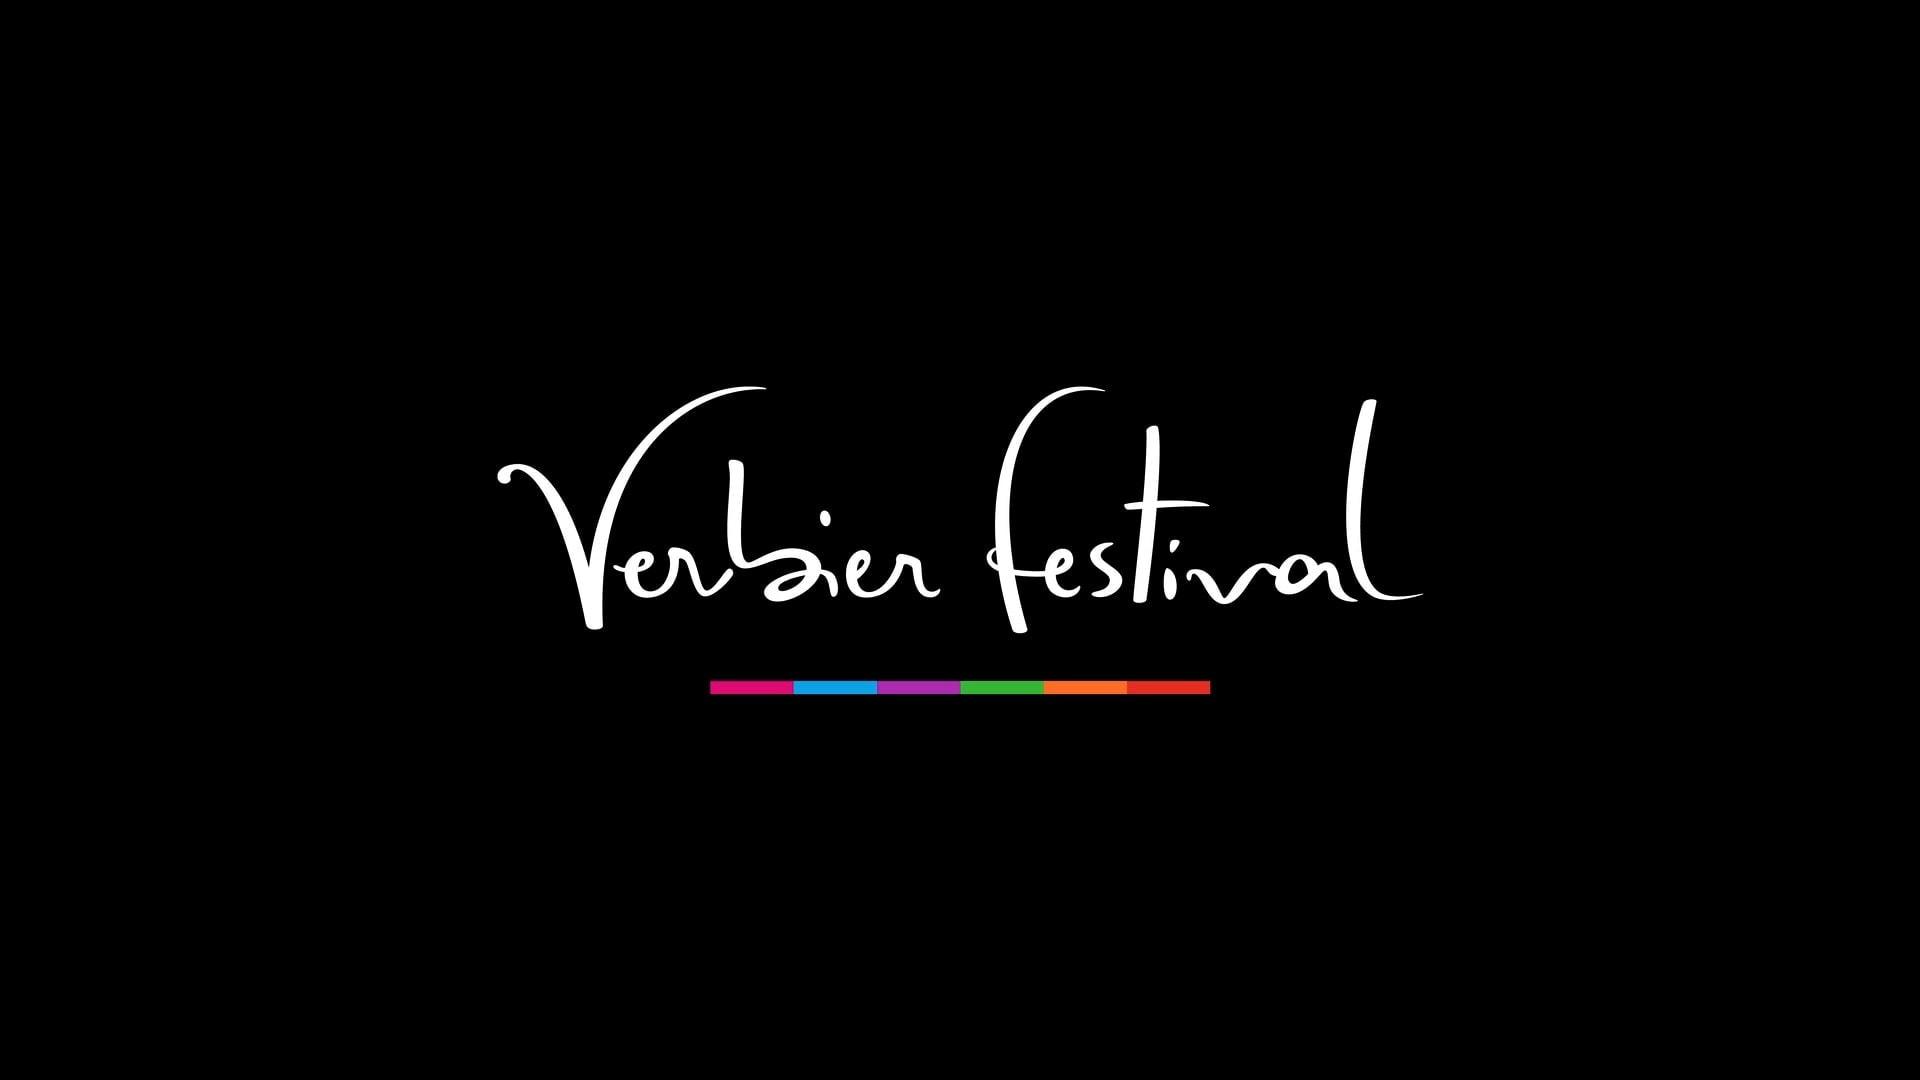 Летняя Академия при Музыкальном фестивале Вербье в Швейцарии представляет 46 кандидатов